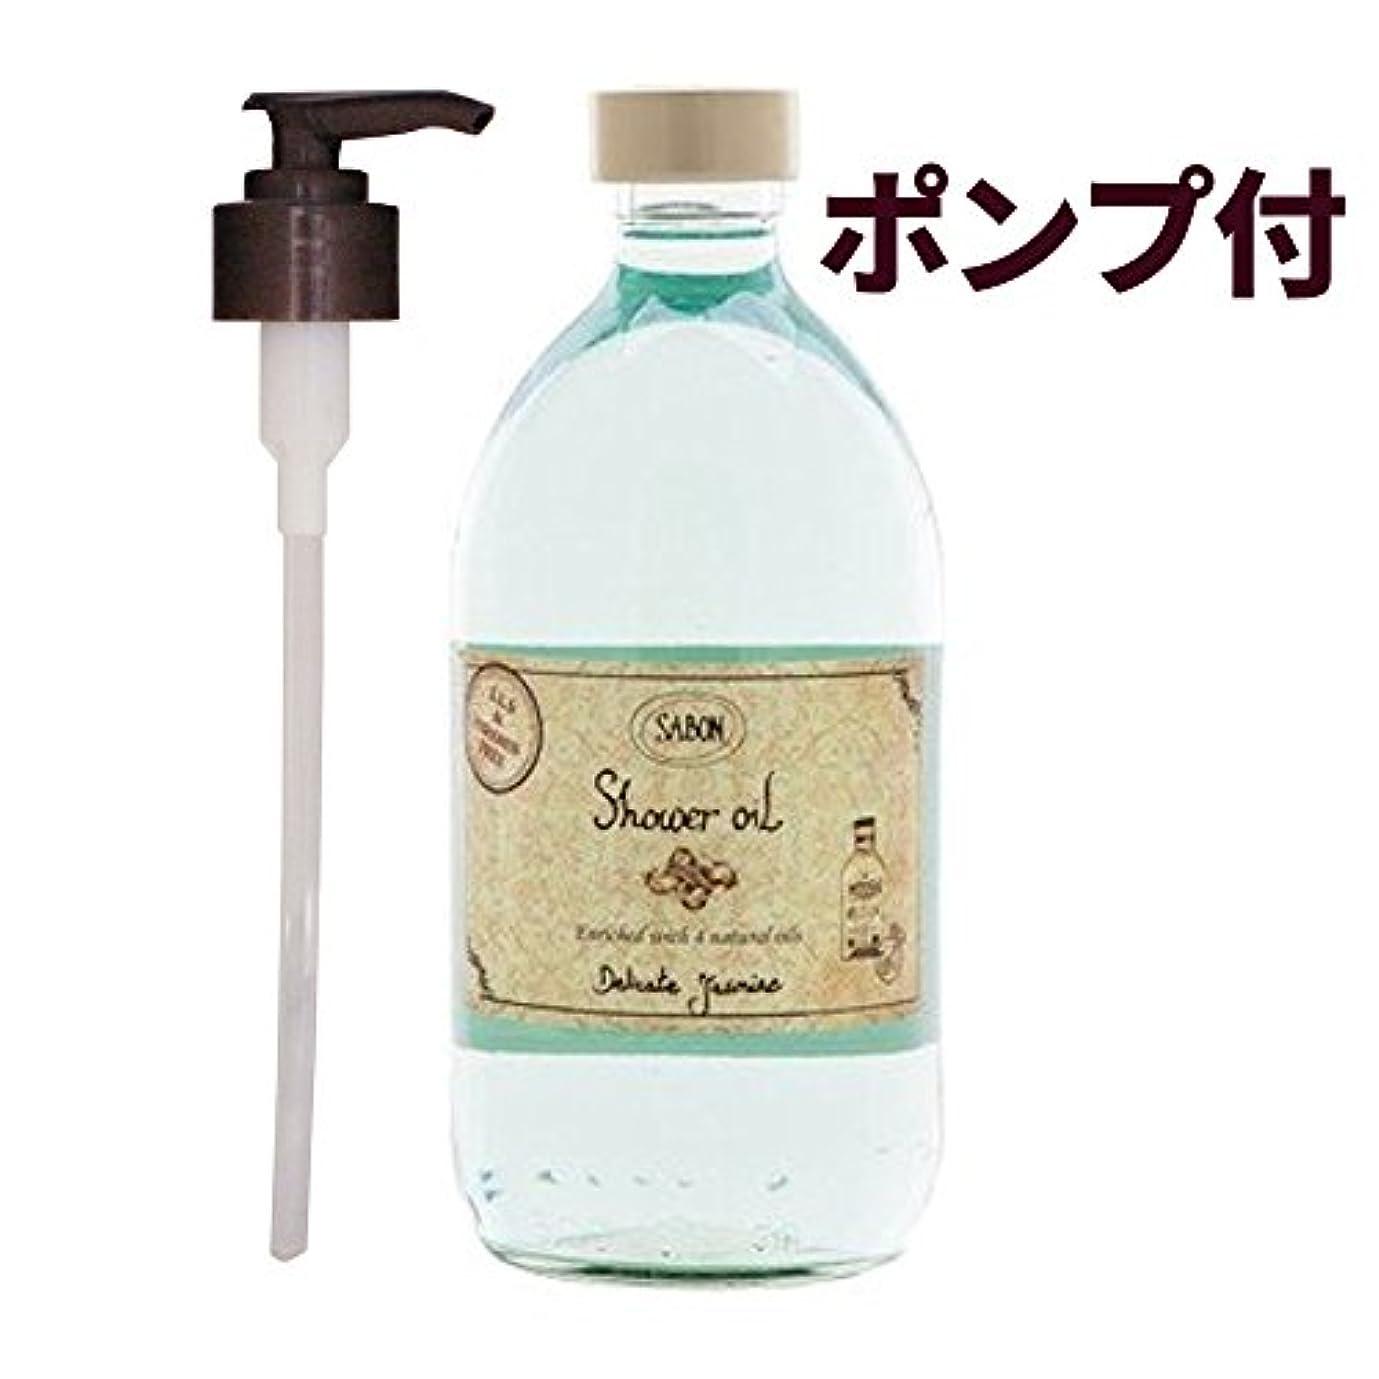 小さい苦難鎮痛剤サボン シャワーオイル デリケートジャスミン500ml(並行輸入品)